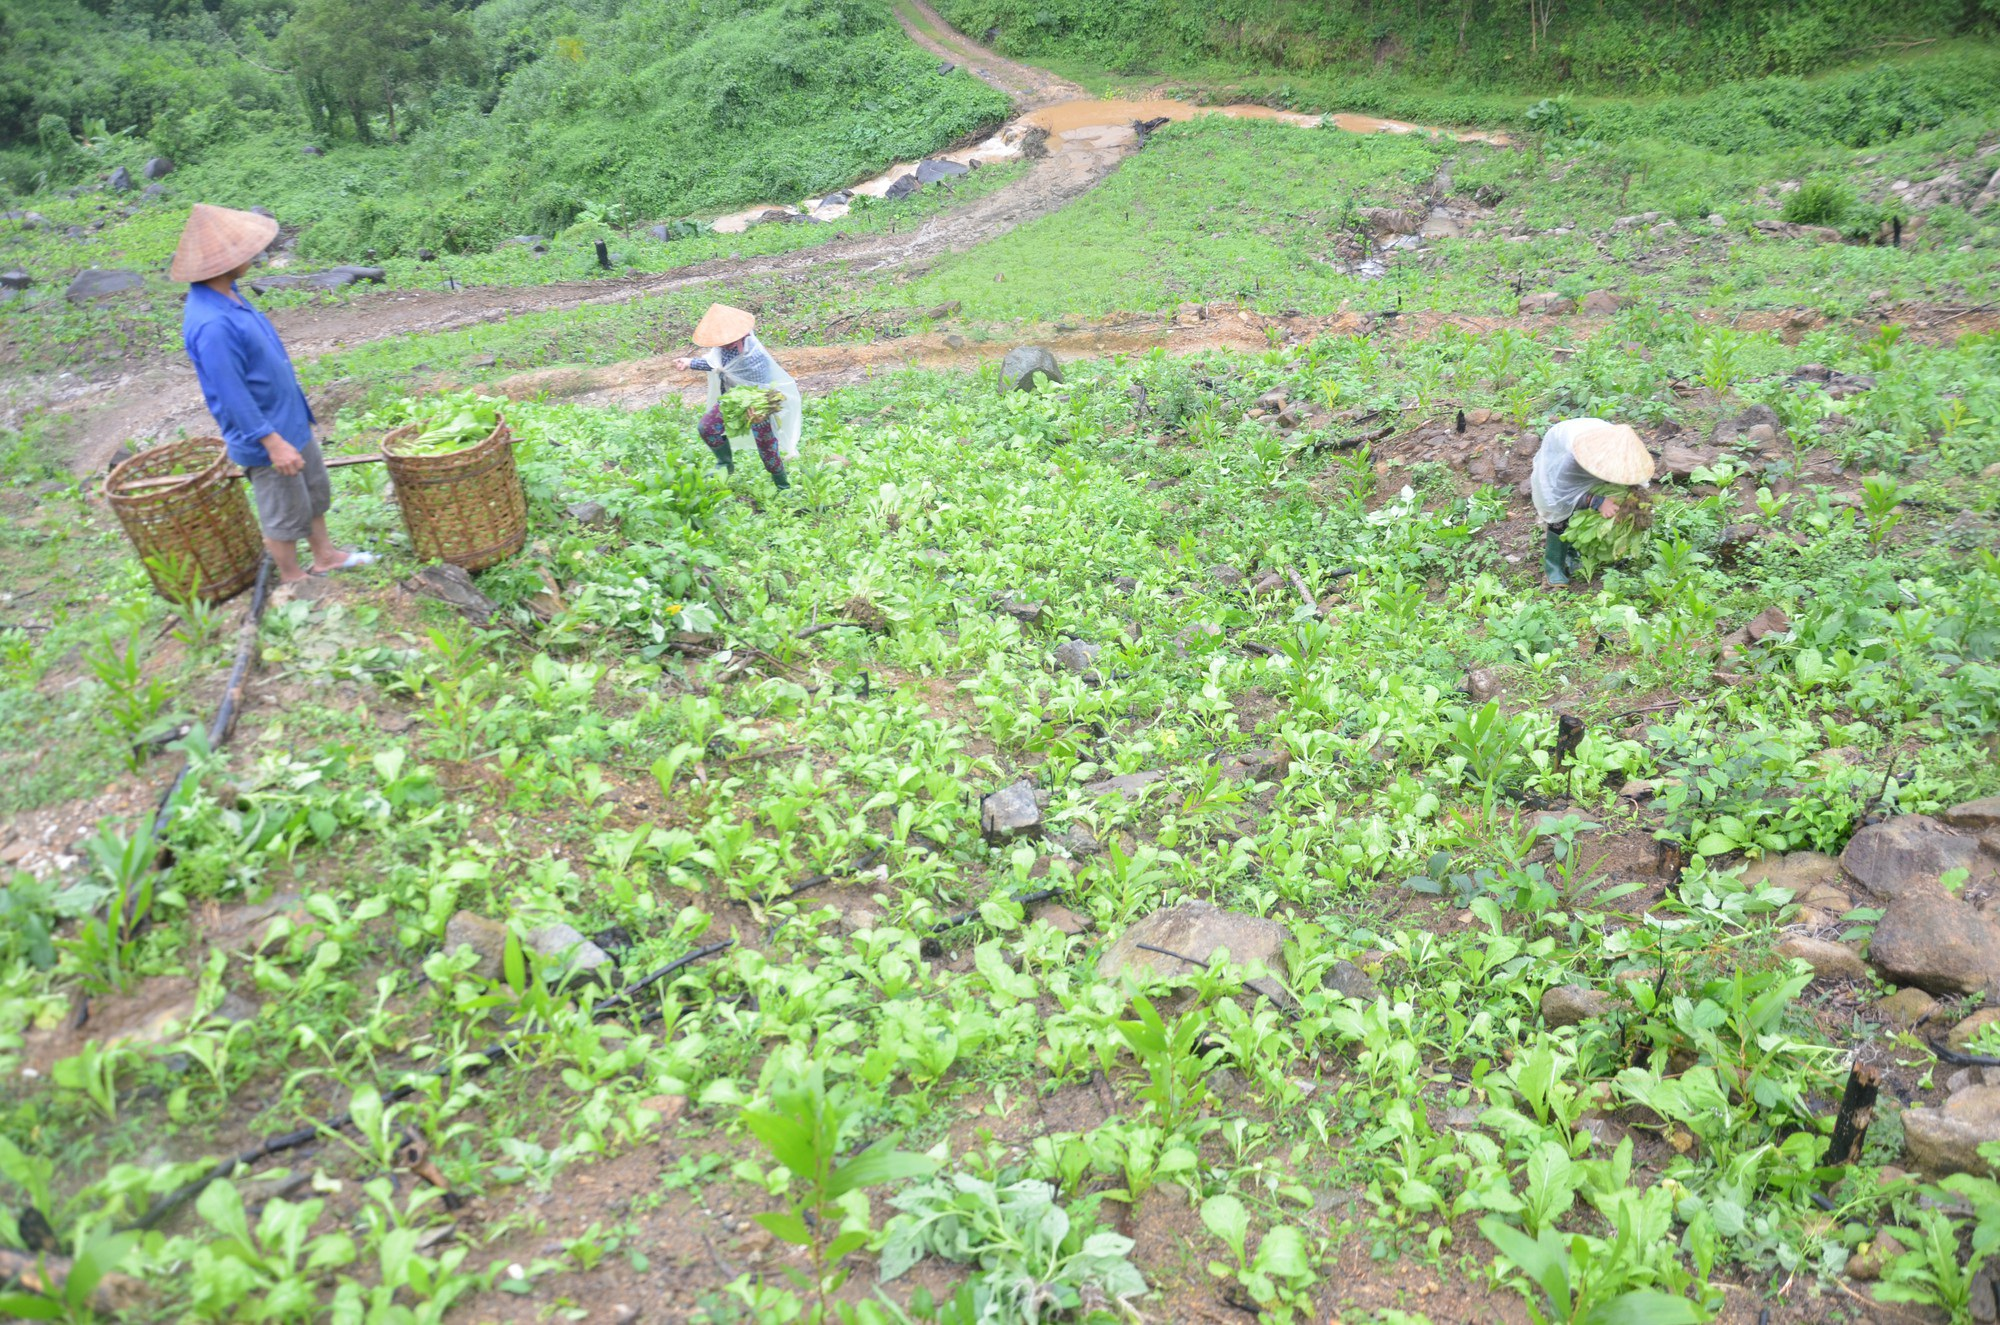 Trồng cải trên núi cao, nông dân thu nhập 400 - 500 ngàn đồng/ngày - Ảnh 1.